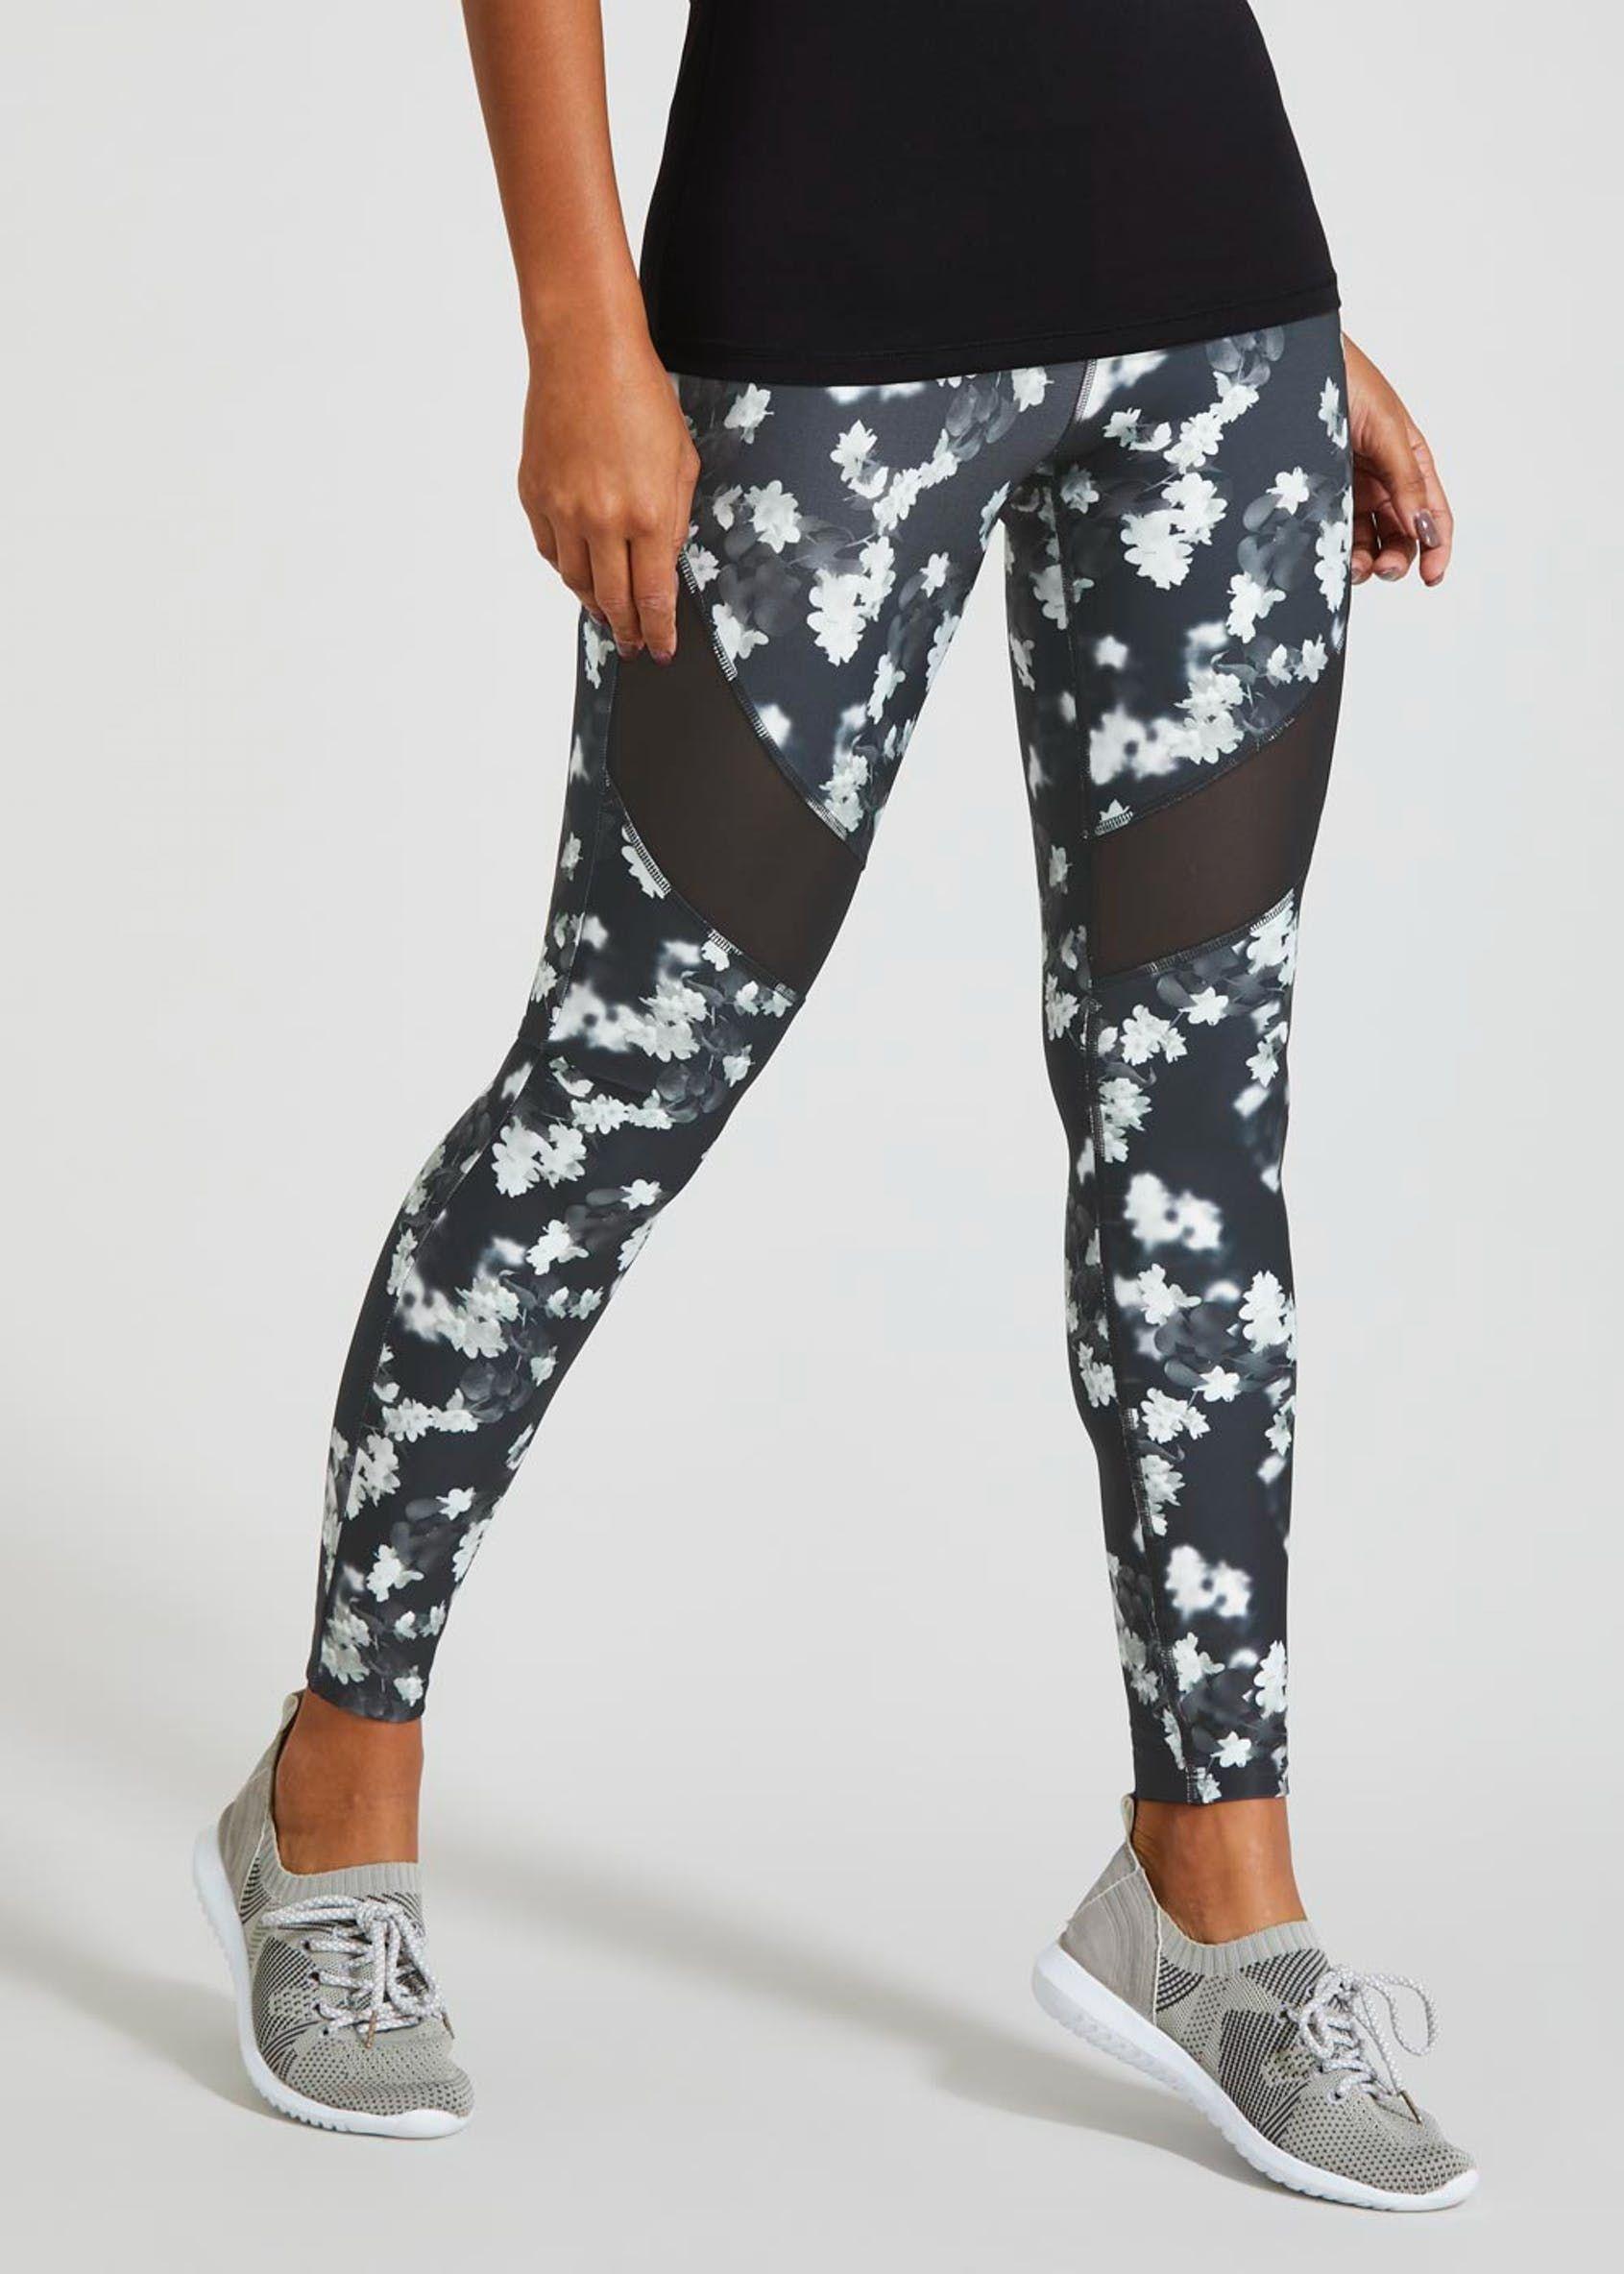 3c8d4d576c Souluxe Floral Gym Leggings | Clothes, shoes and accessories ...